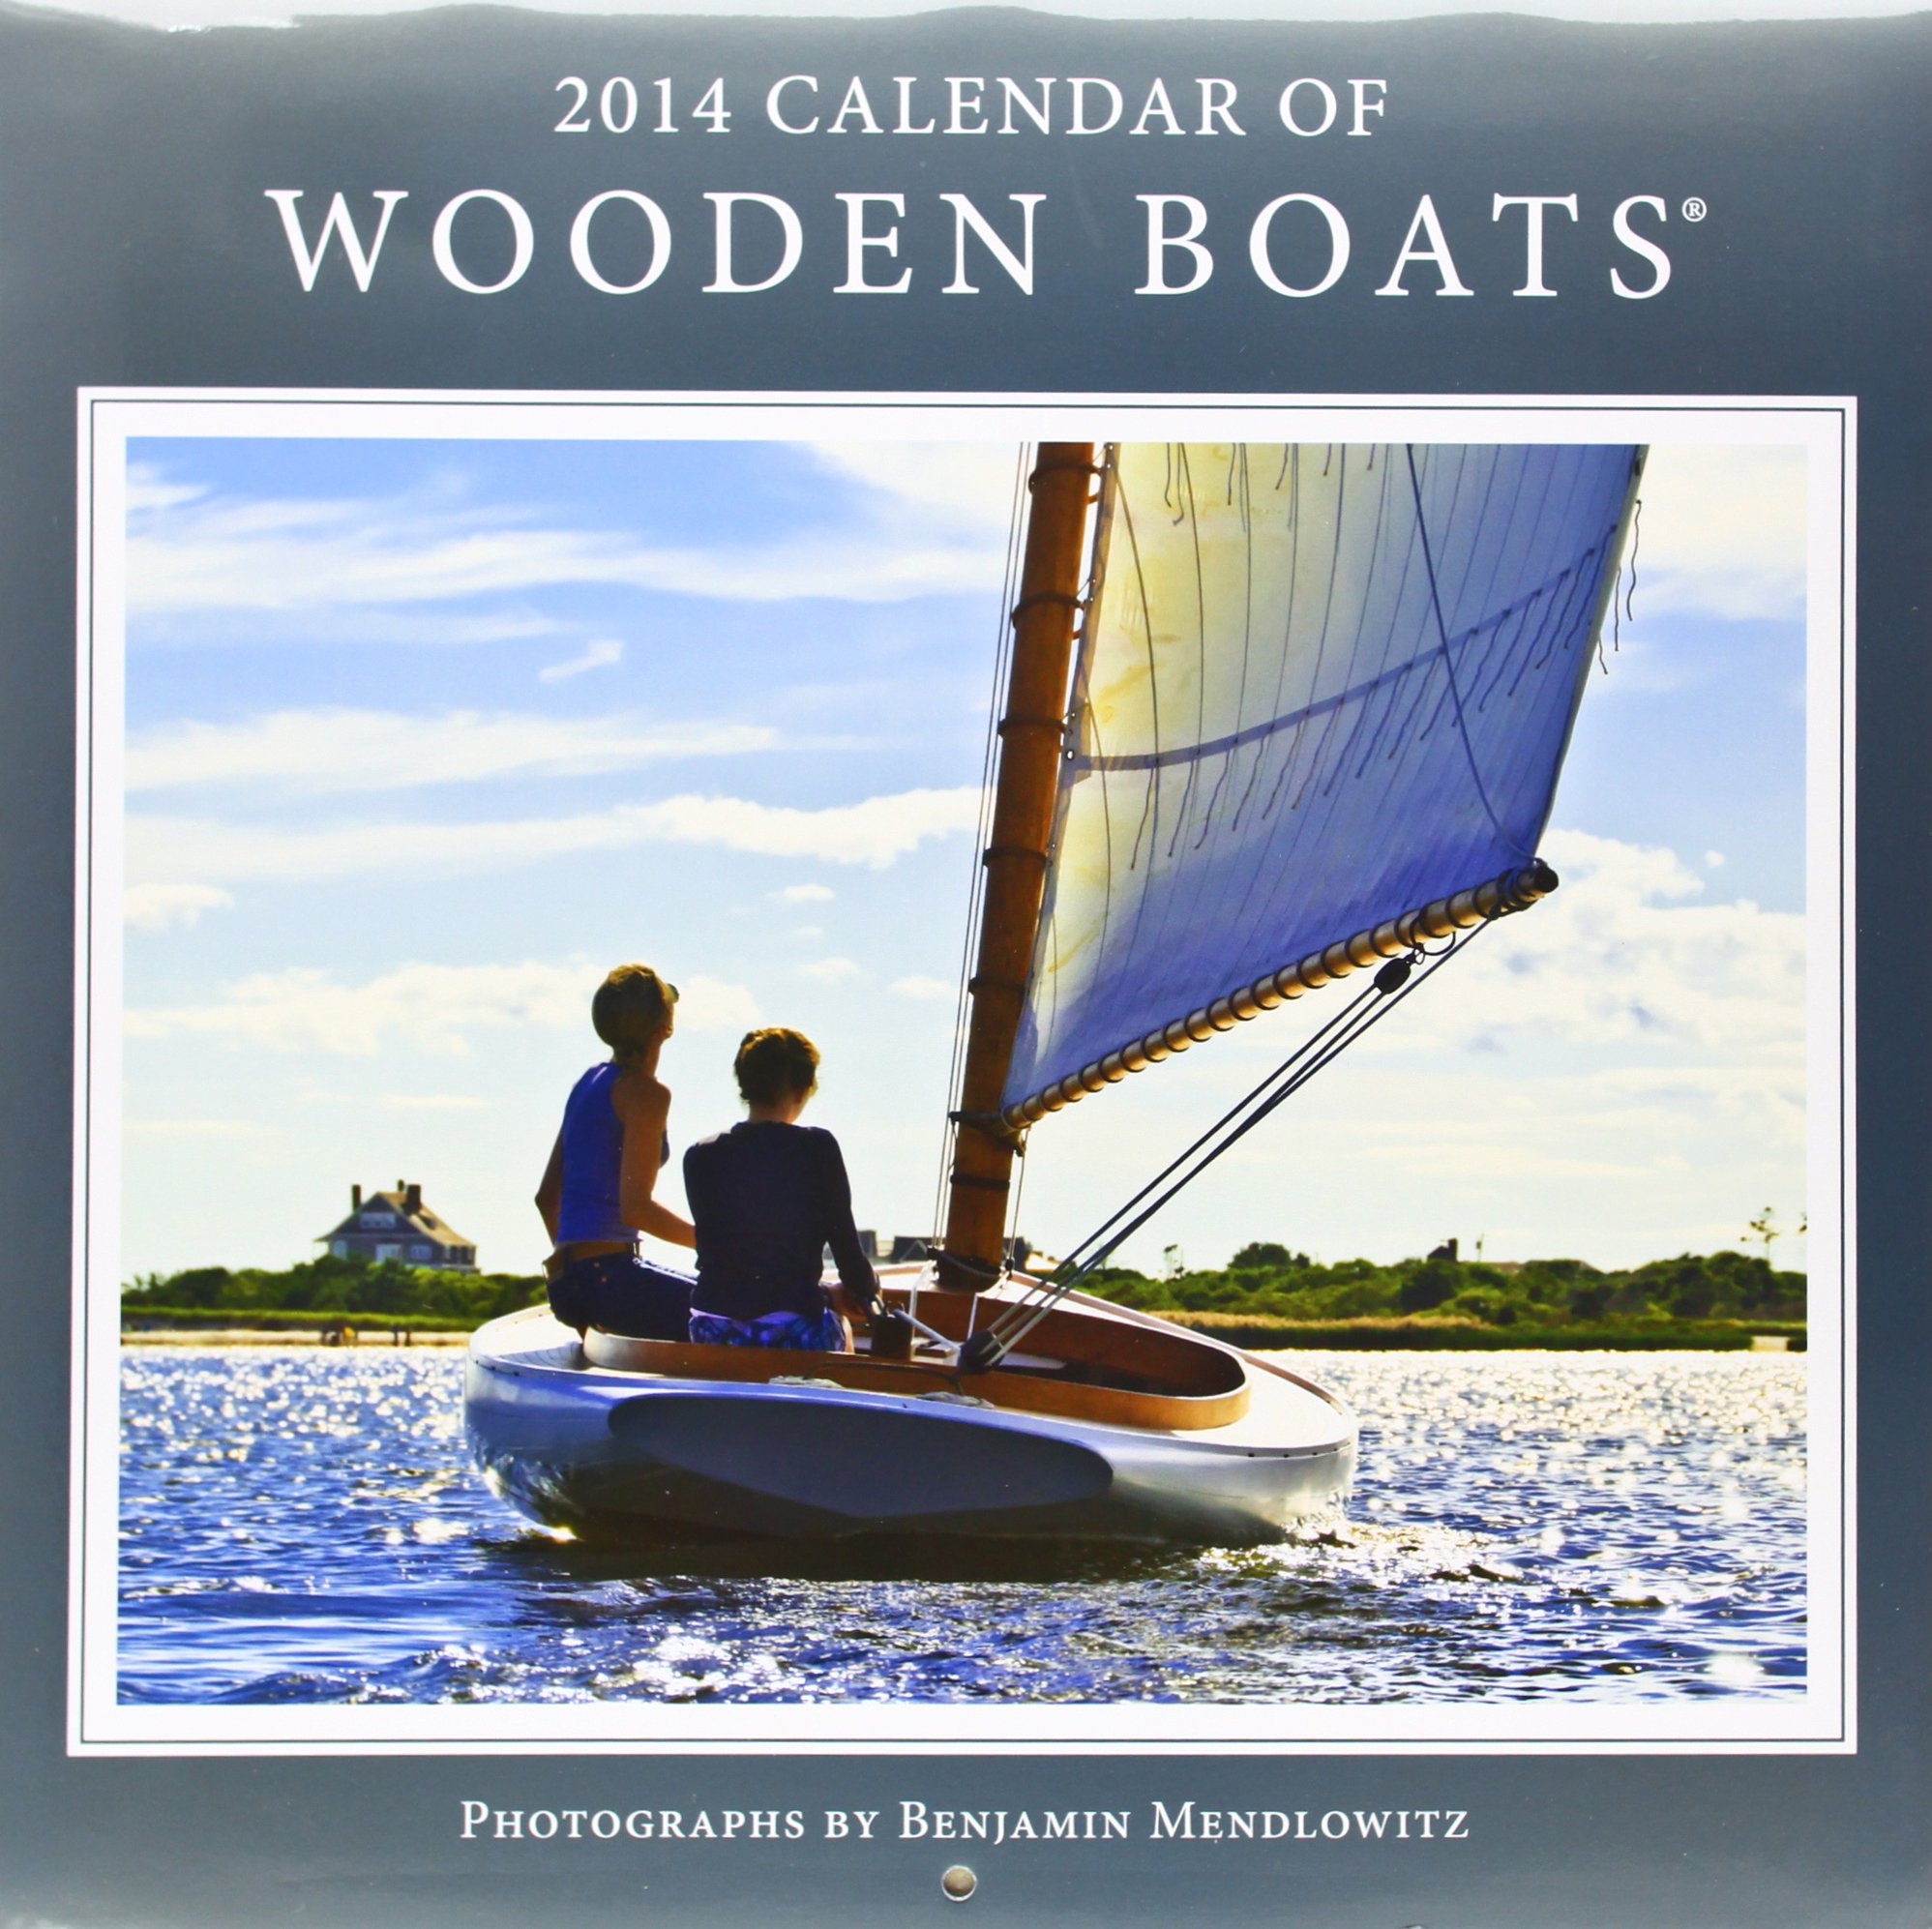 Wooden Boats Calendar